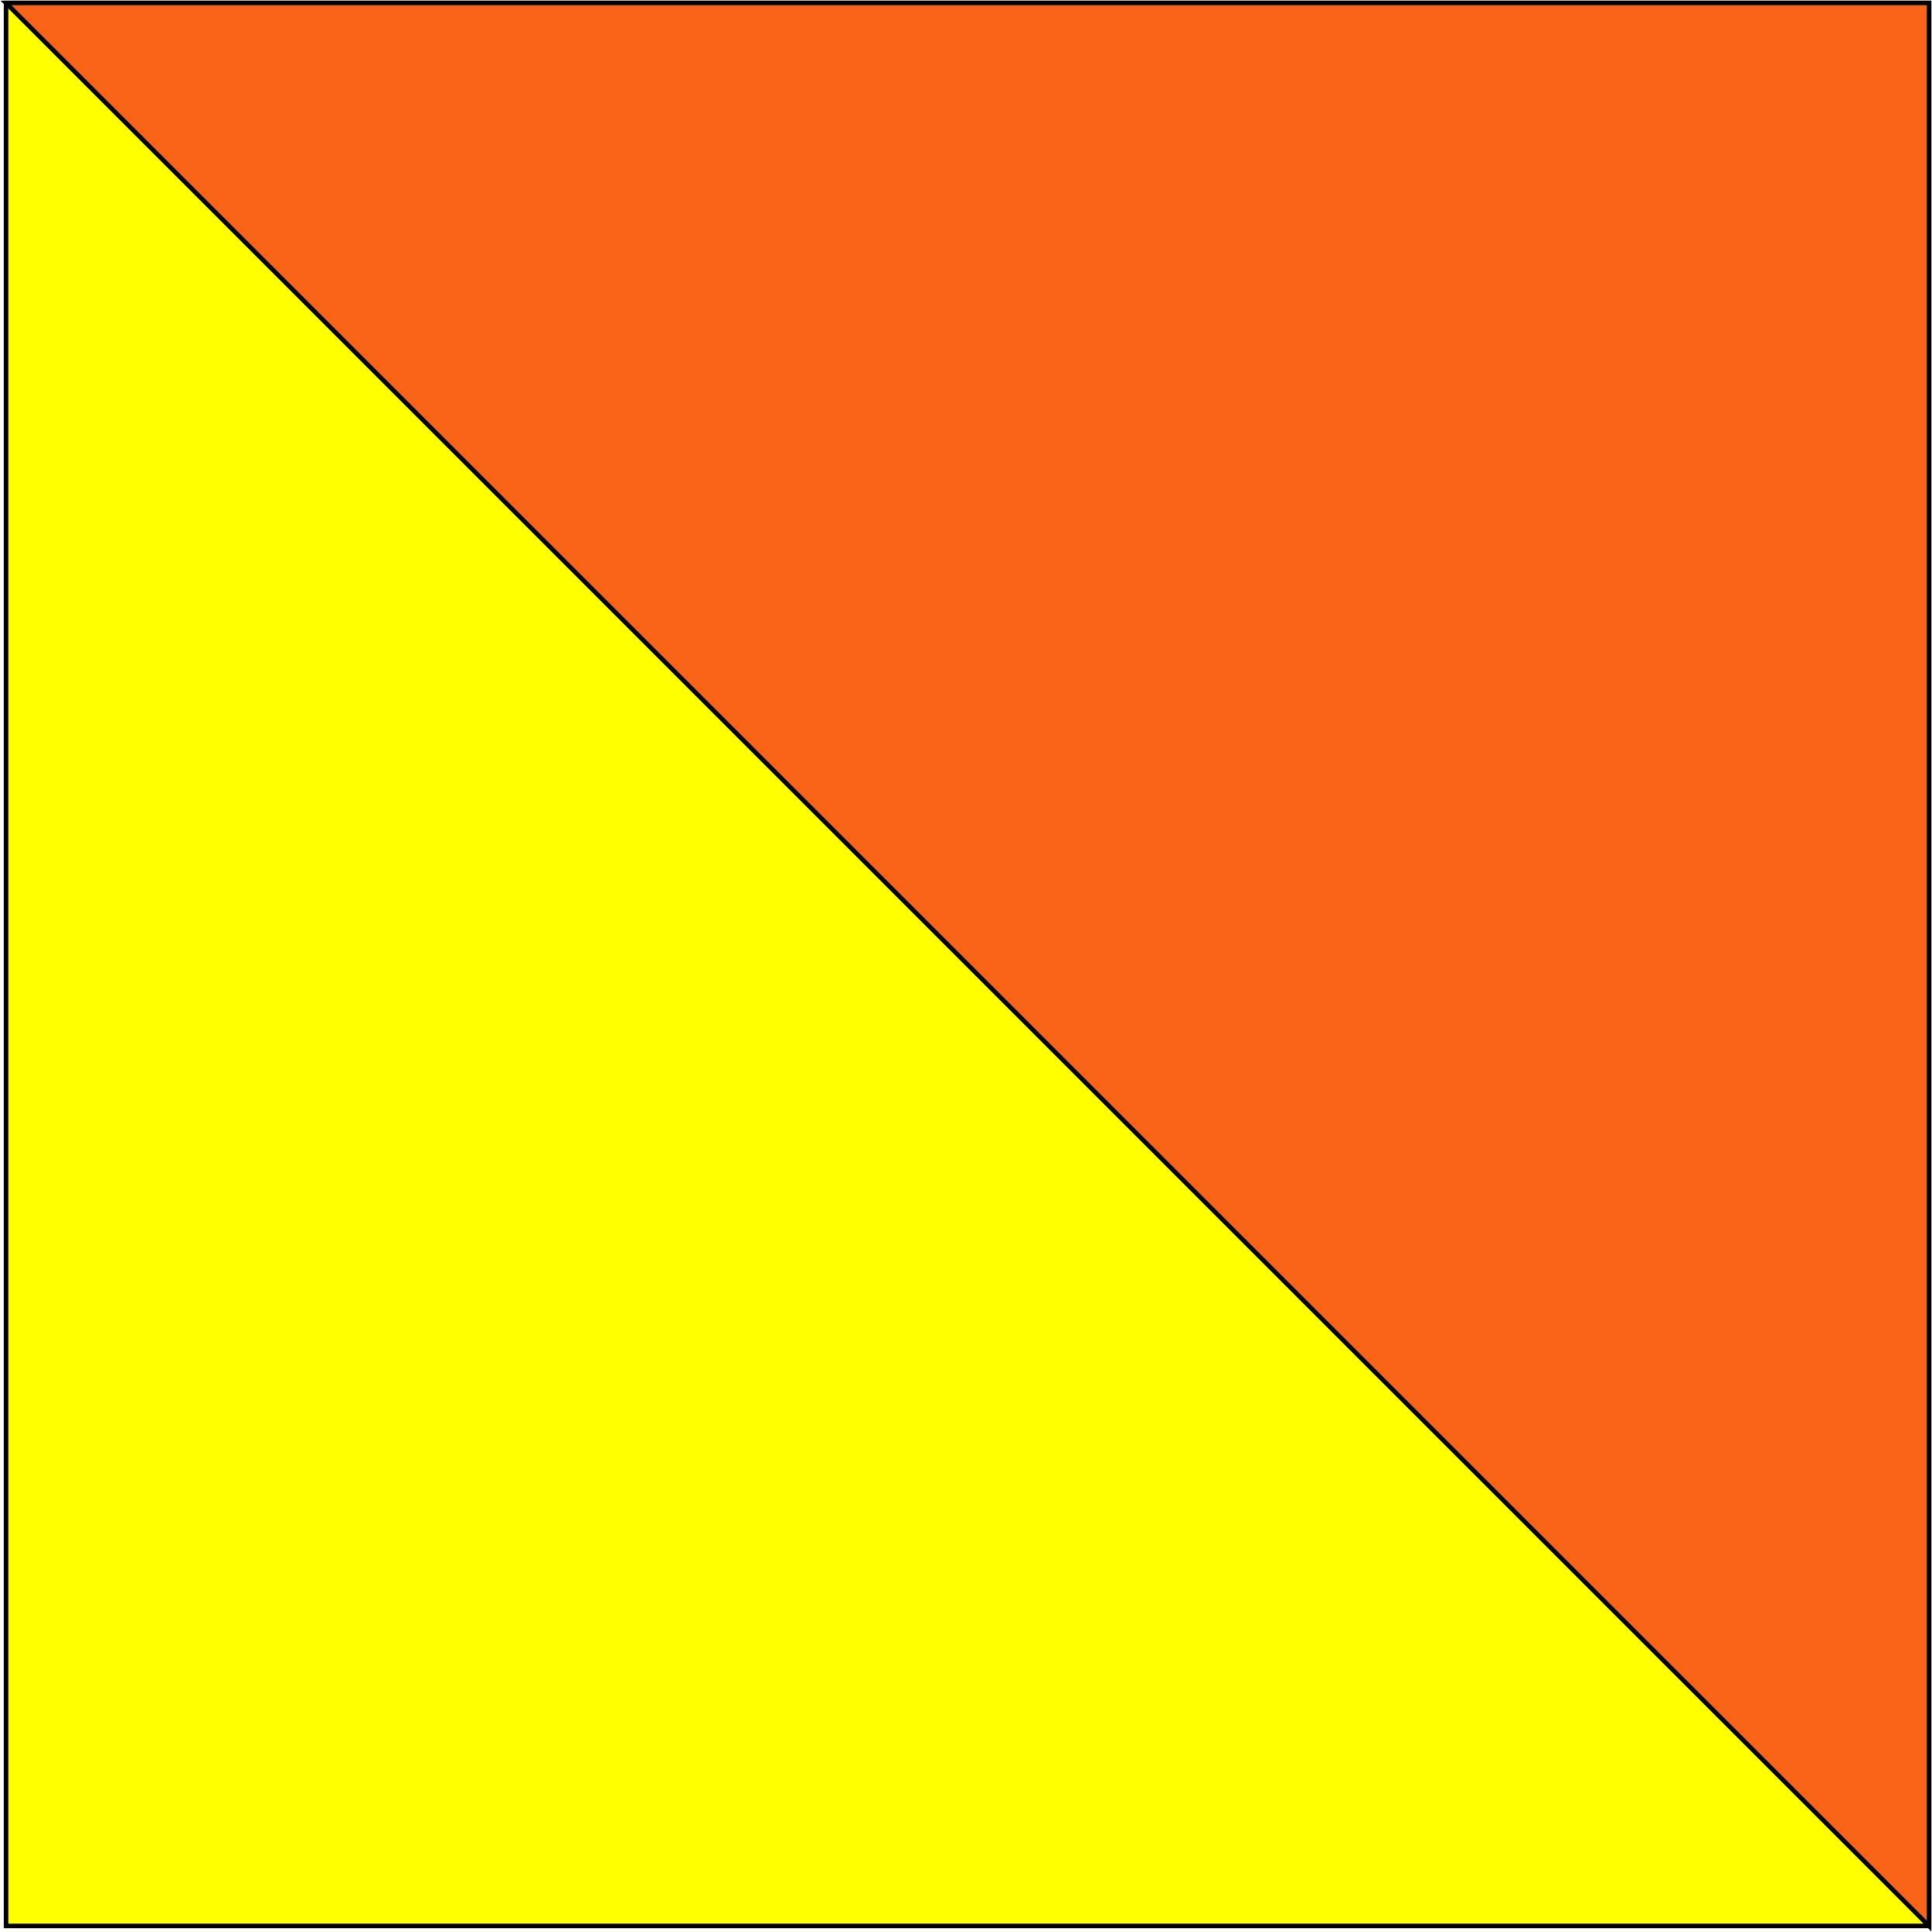 żółto-rdzawy